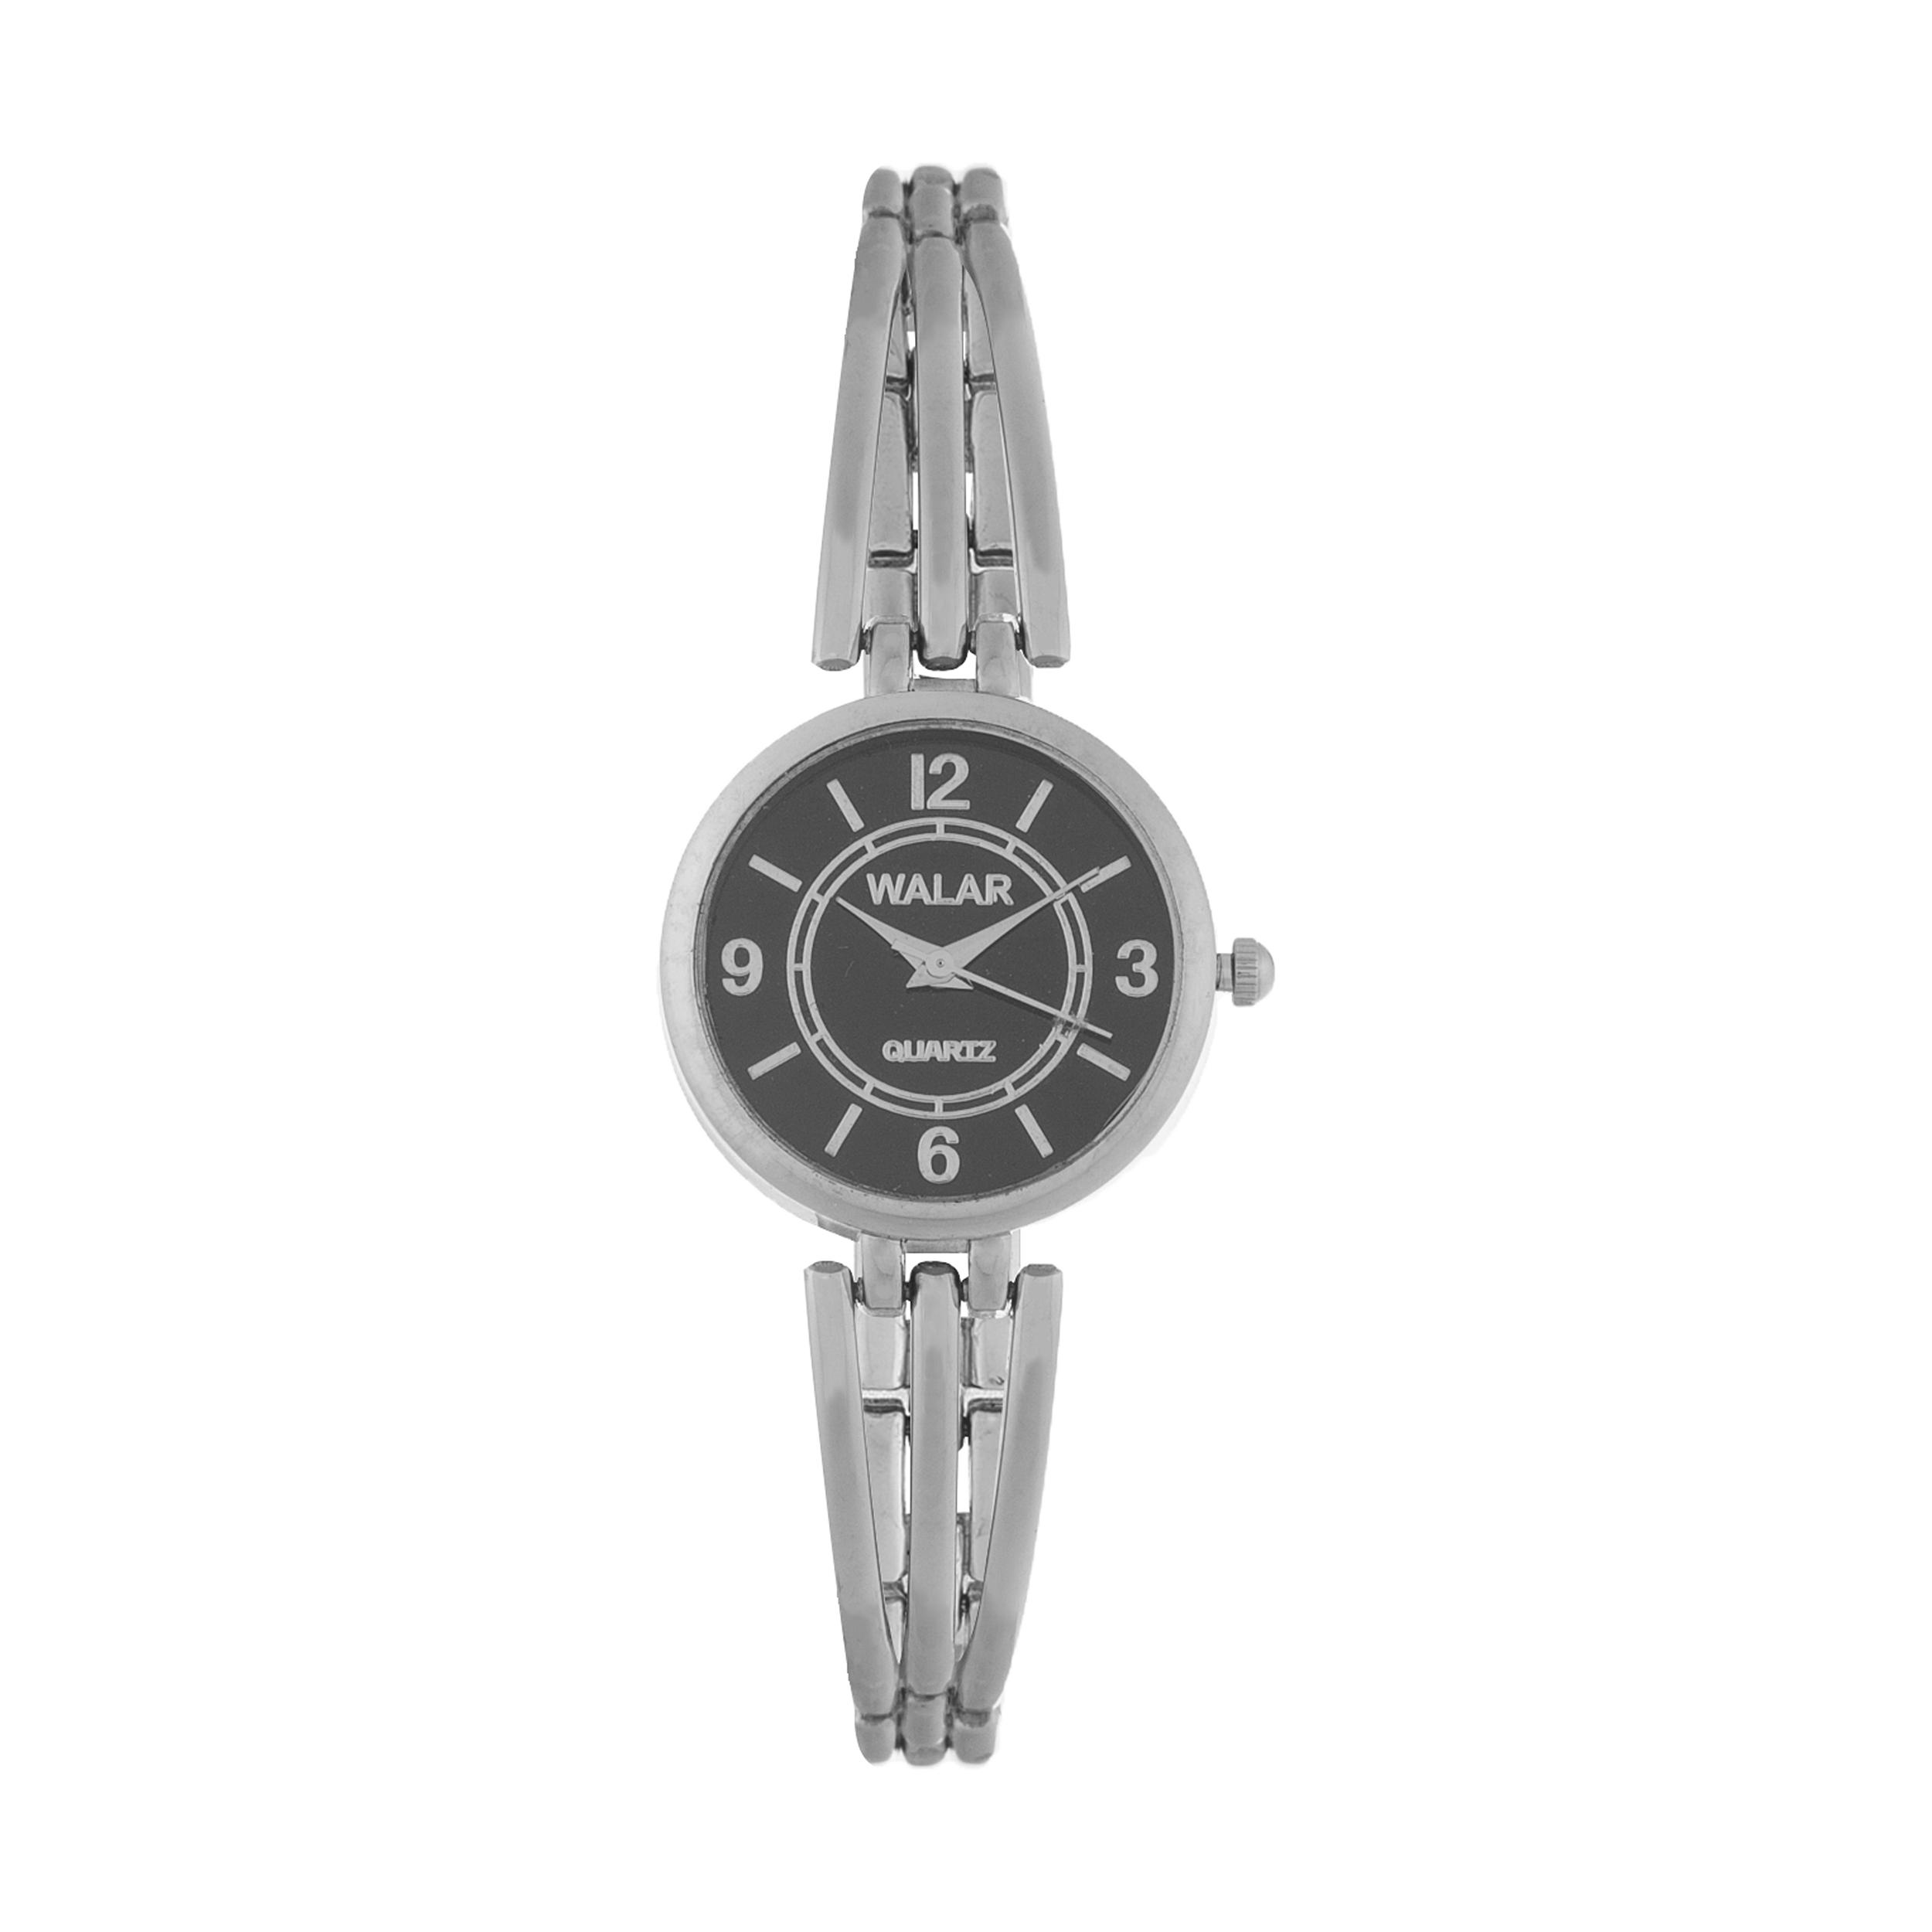 ساعت مچی عقربه ای زنانه والار مدل X87